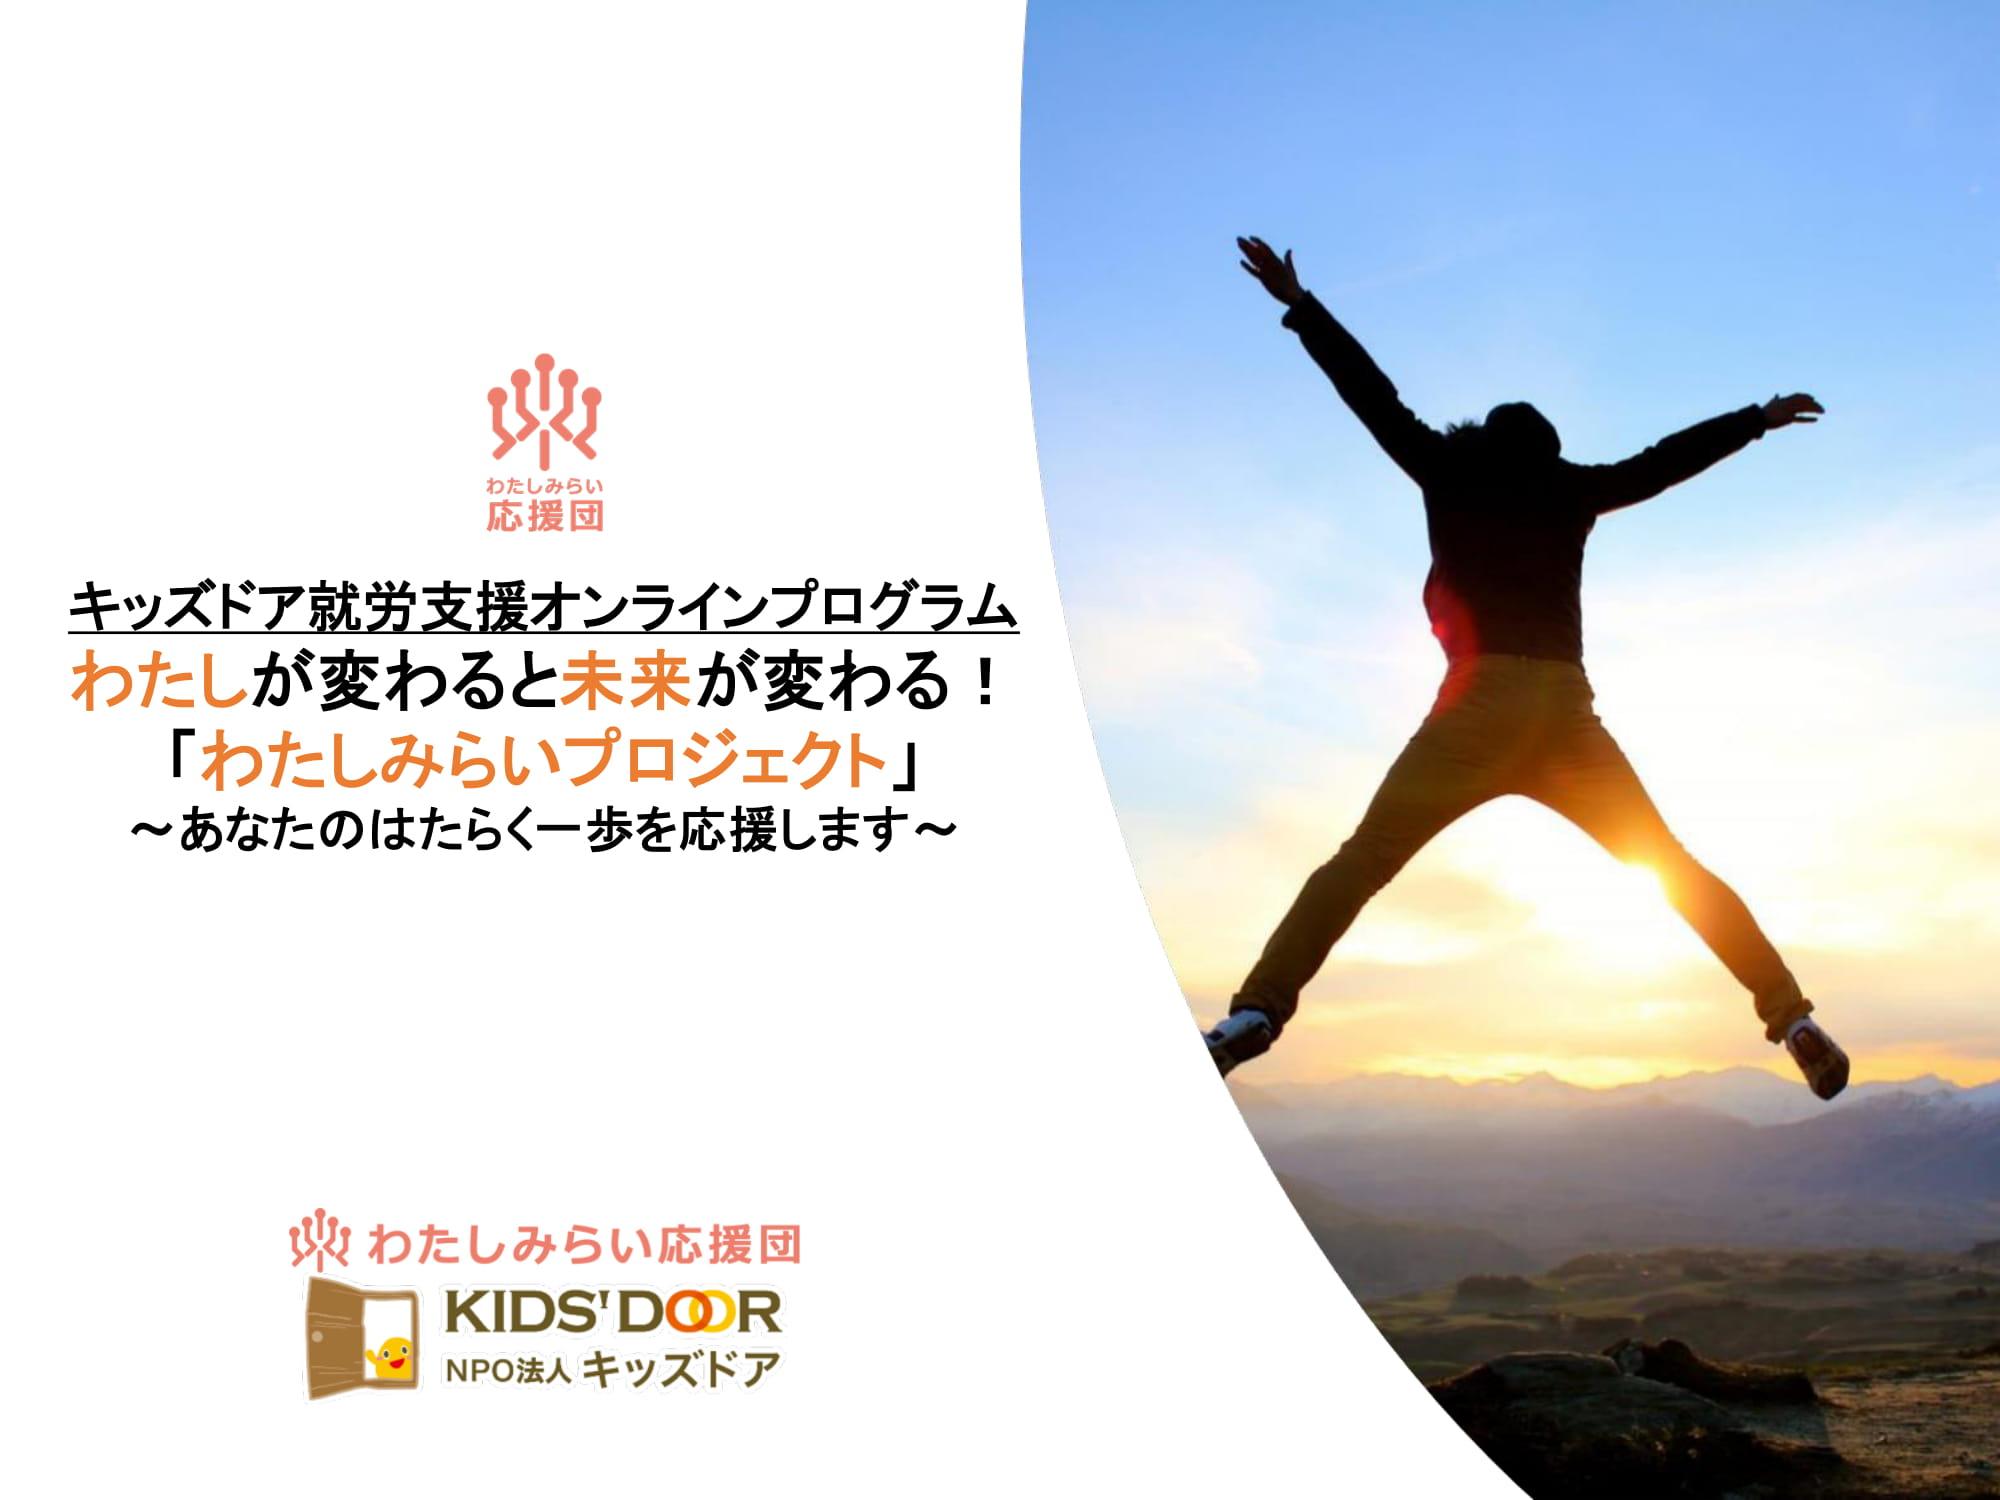 【登壇情報】キッズドア主催就労支援プログラム「わたしみらいプロジェクト」